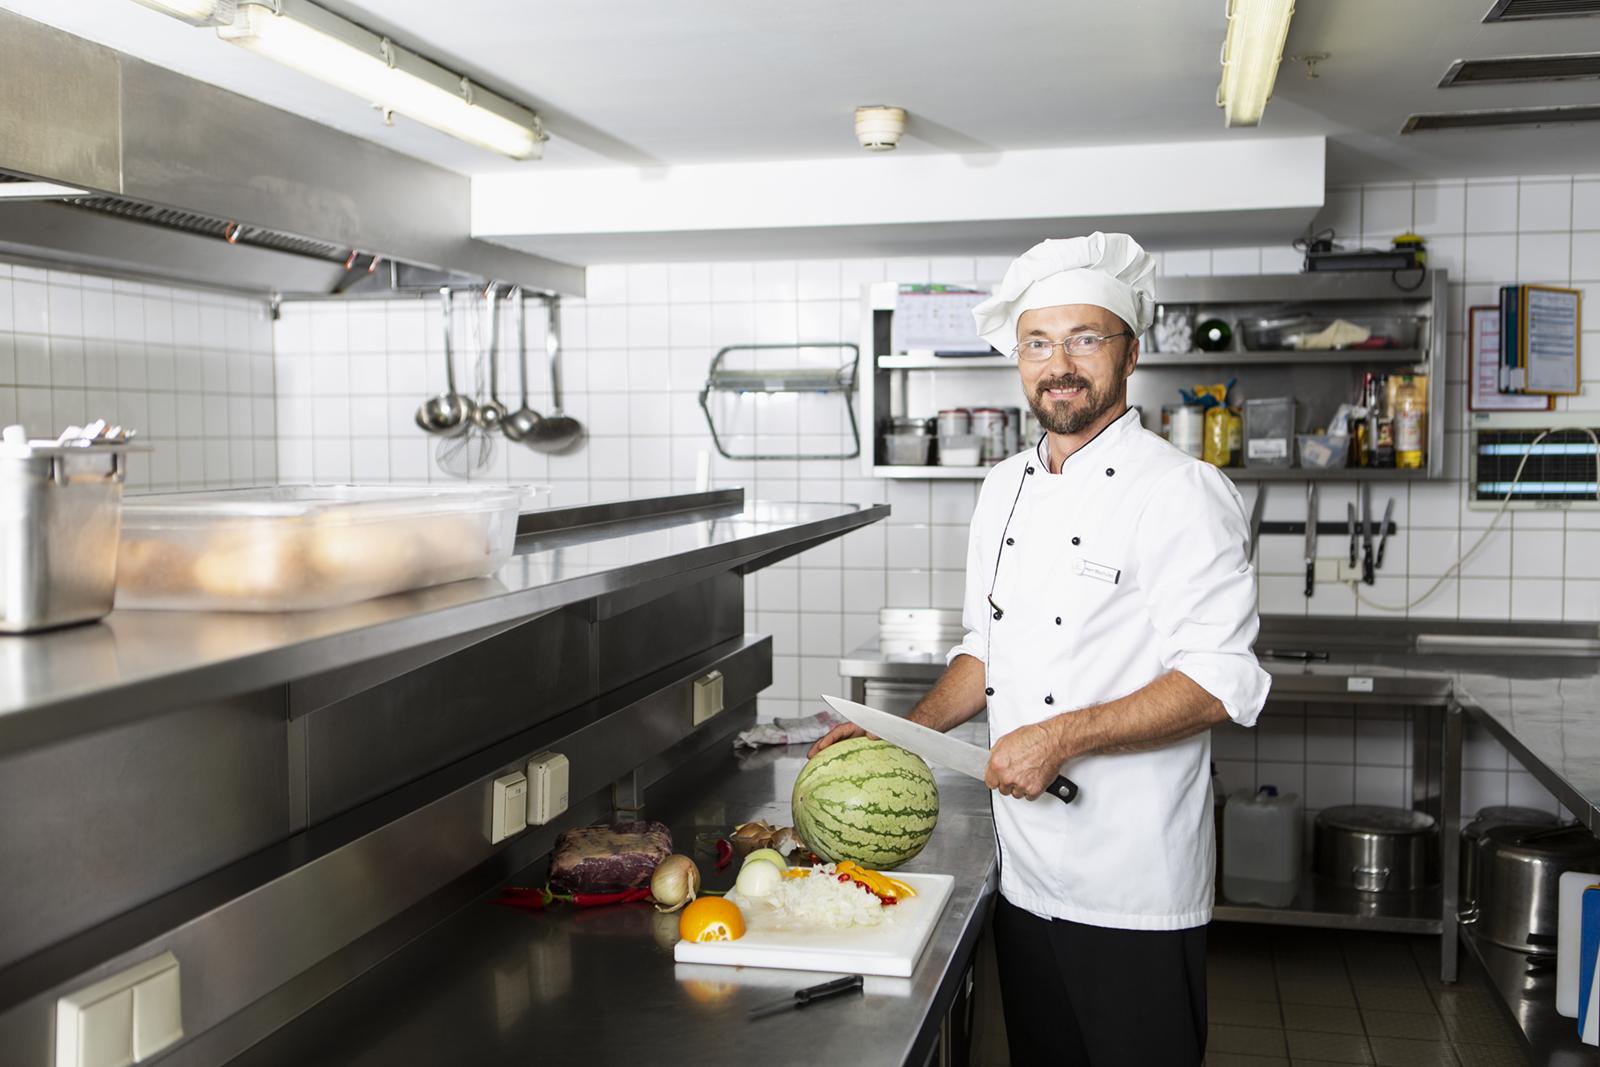 Ein Koch steht in der Küche und schneidet eine Melone auf